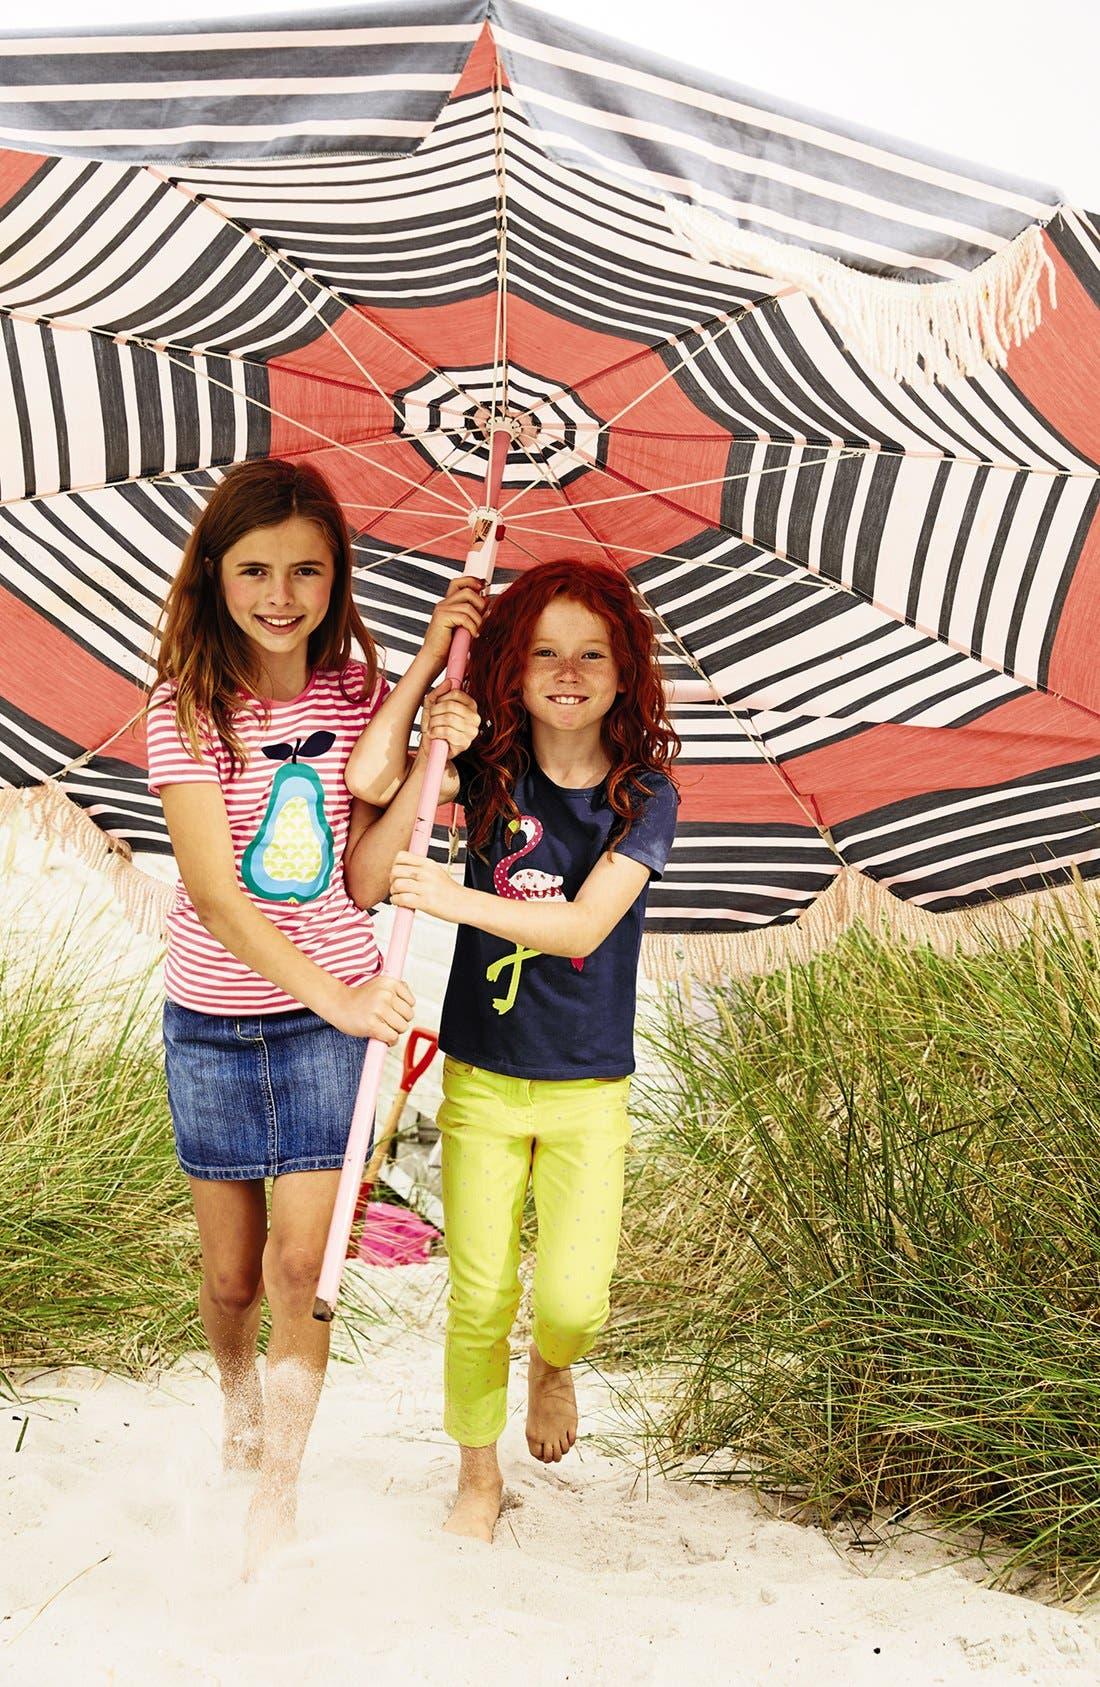 Alternate Image 2  - Mini Boden 'Retro' Print Tee (Toddler Girls, Little Girls & Big Girls)(Online Only)